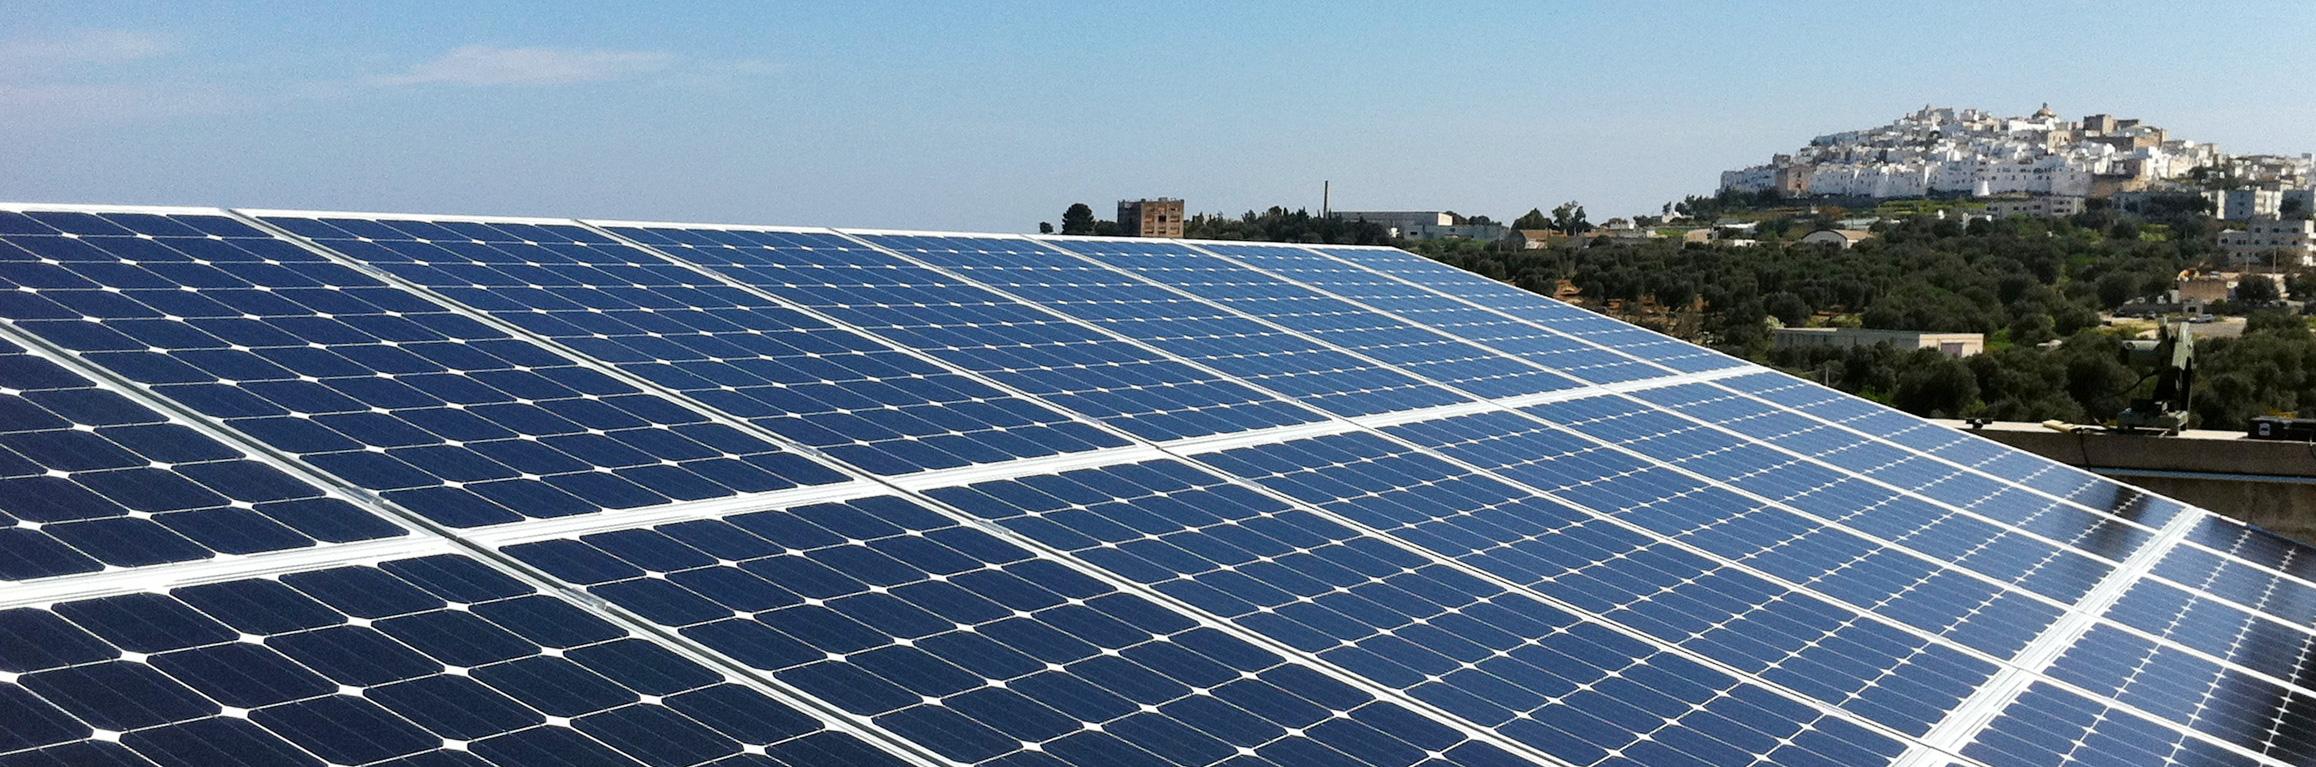 Fotovoltaico-azienda-Enersistemi-Ostuni